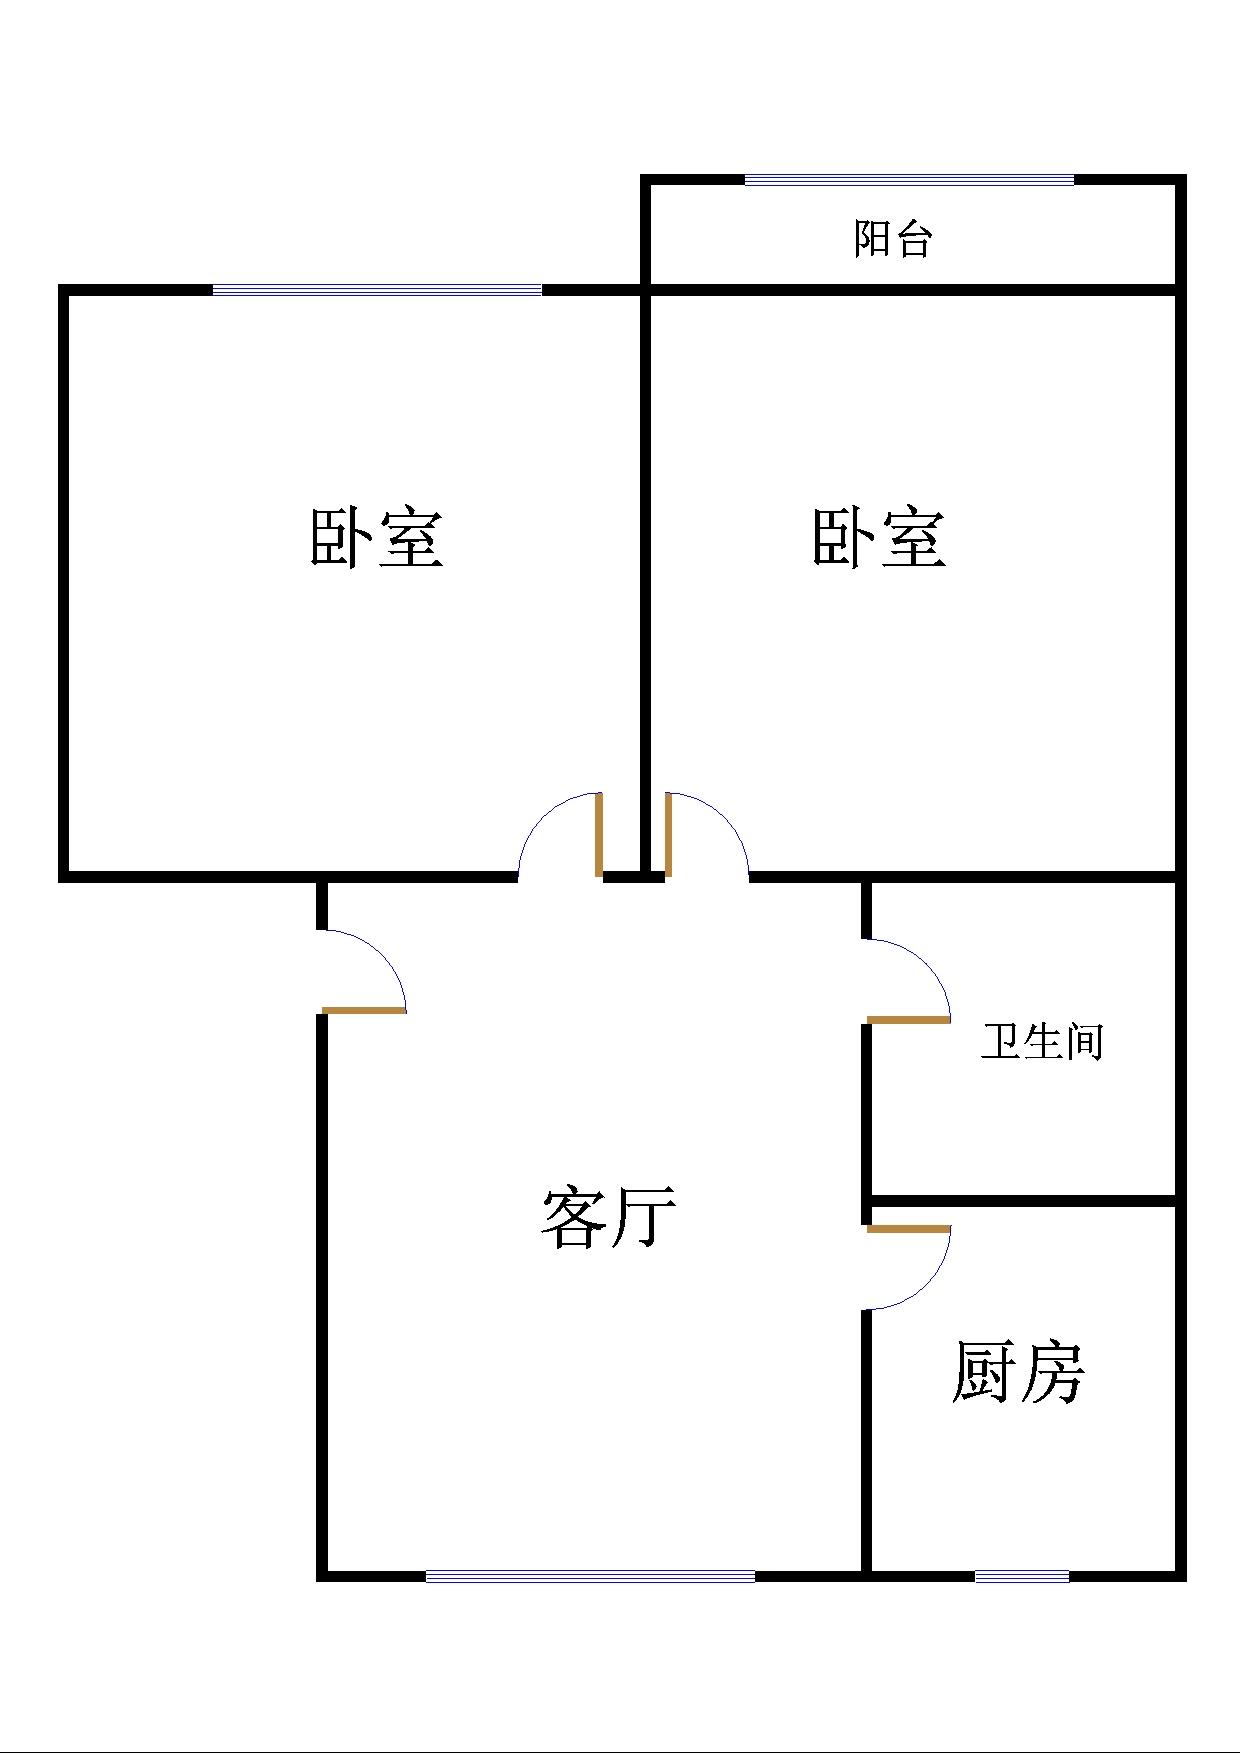 湘江小区北区 2室2厅 3楼